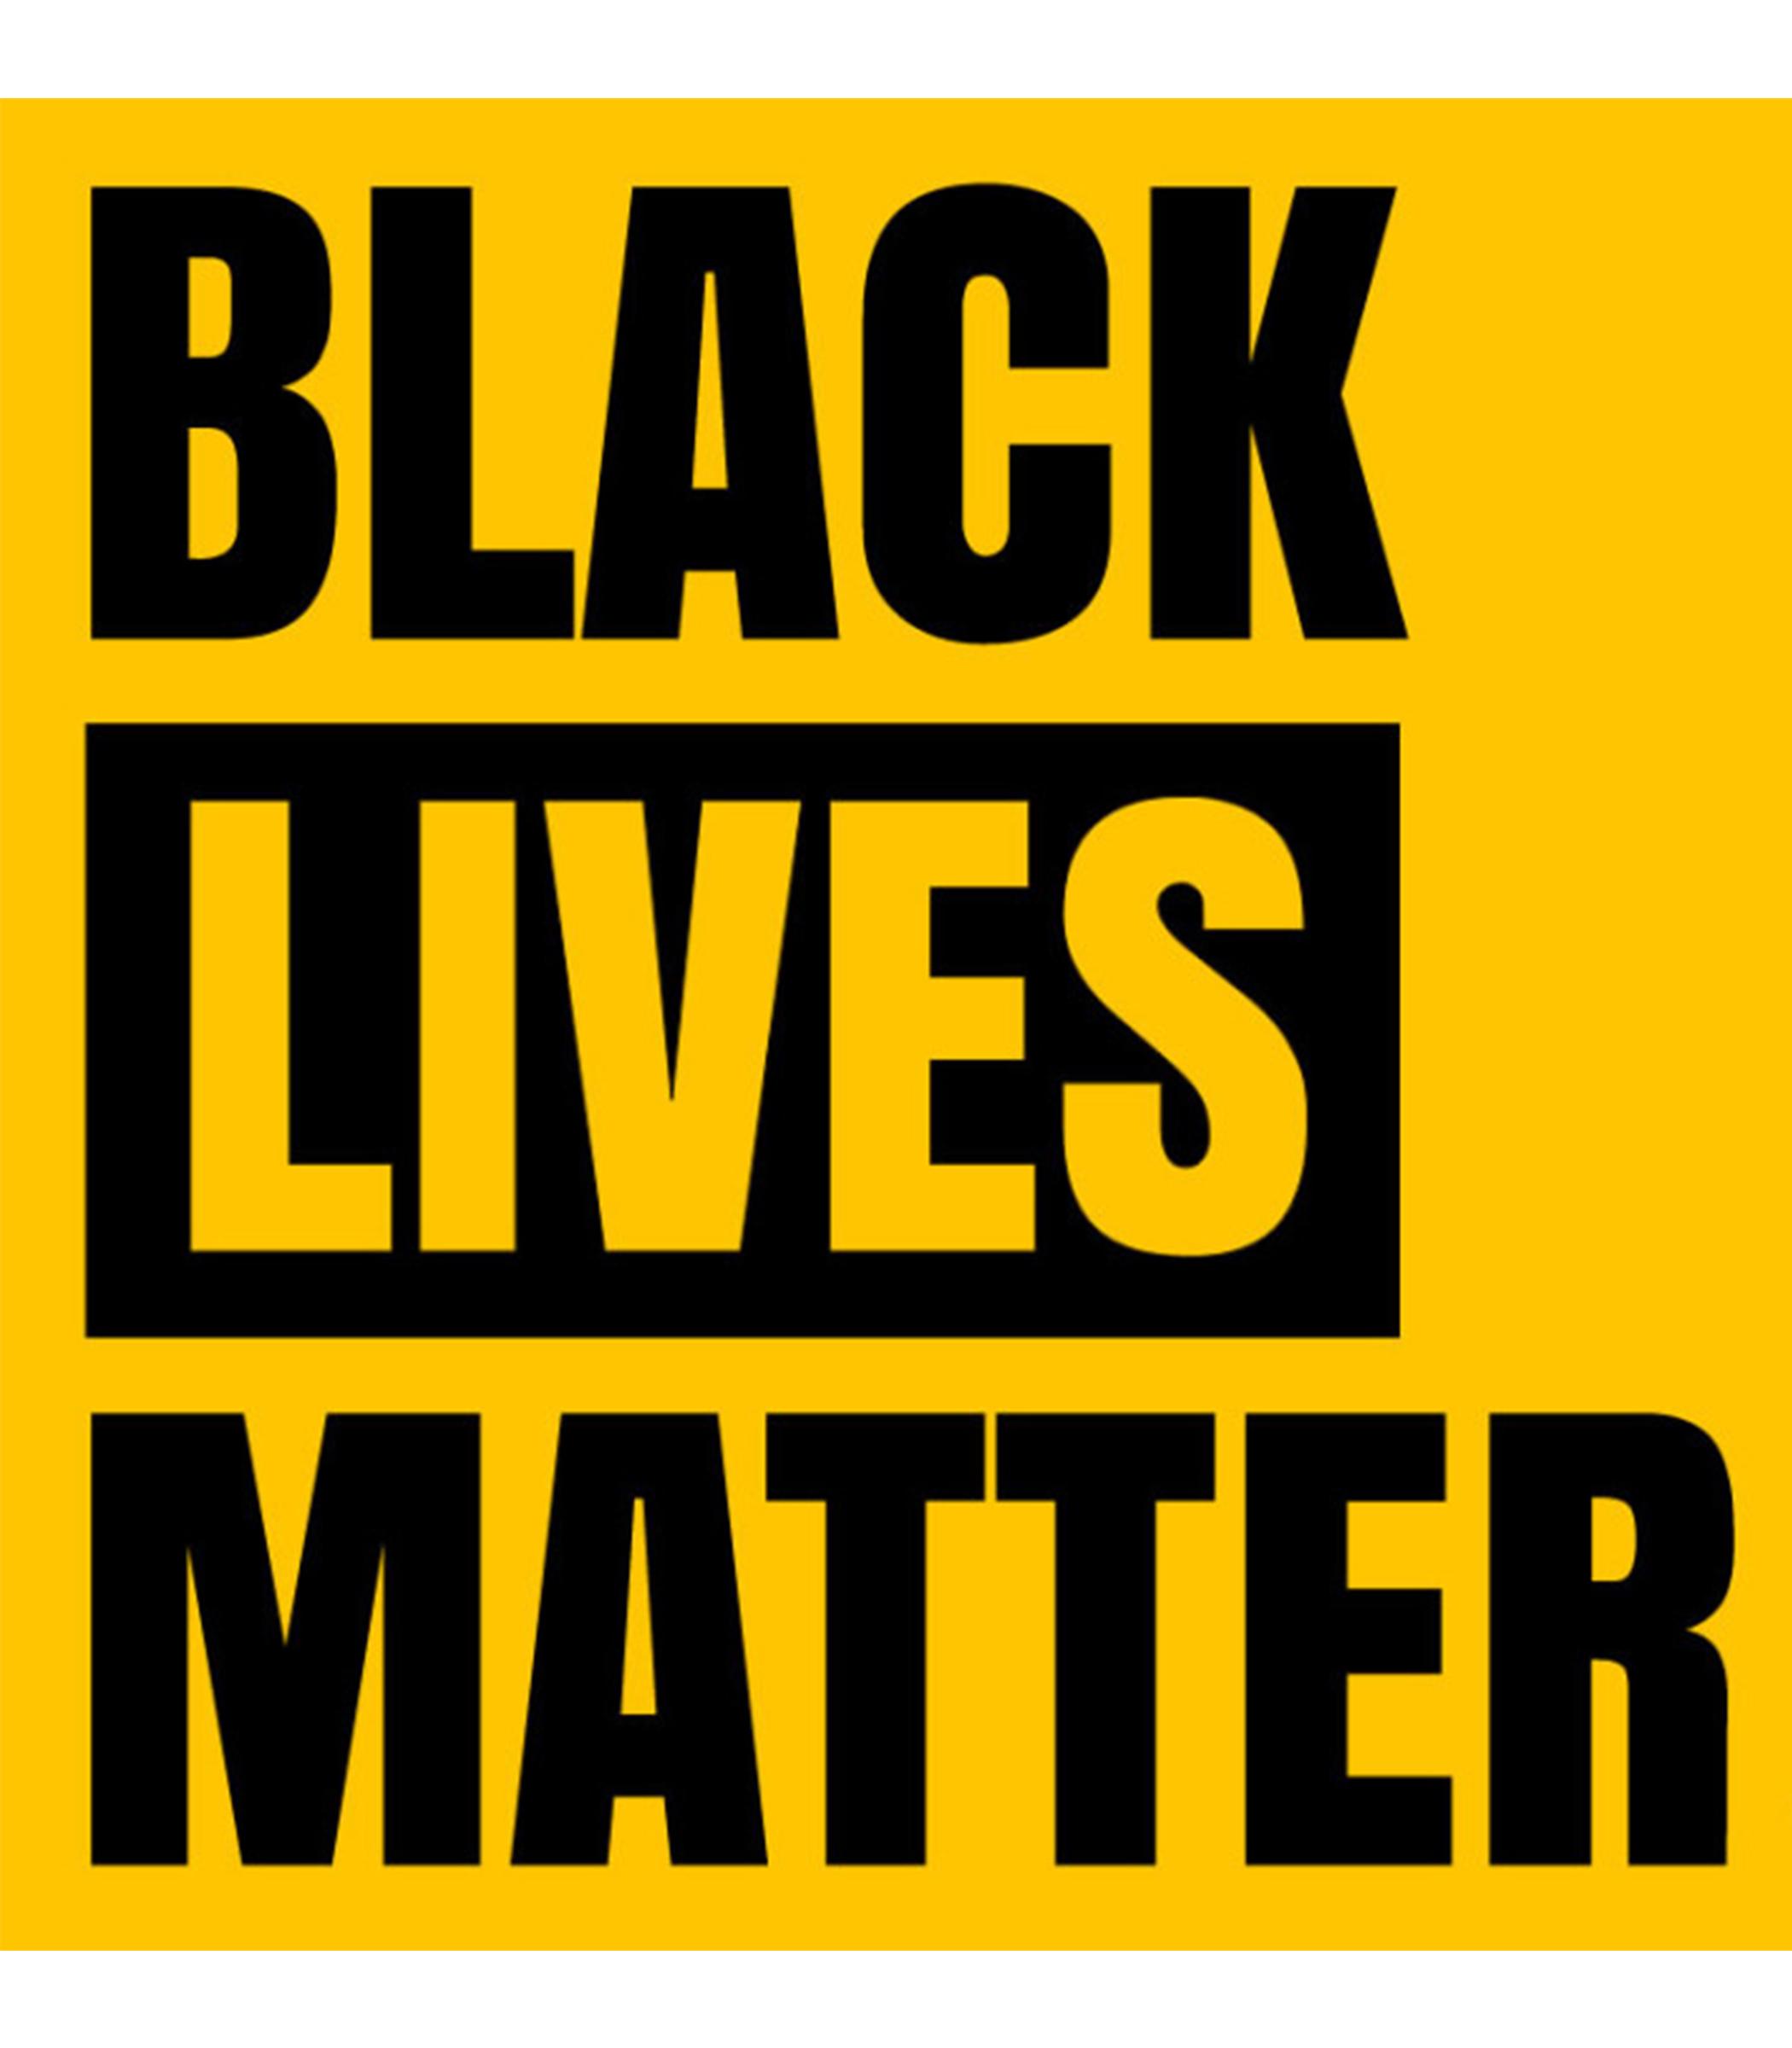 #TRUST BLACK WOMEN